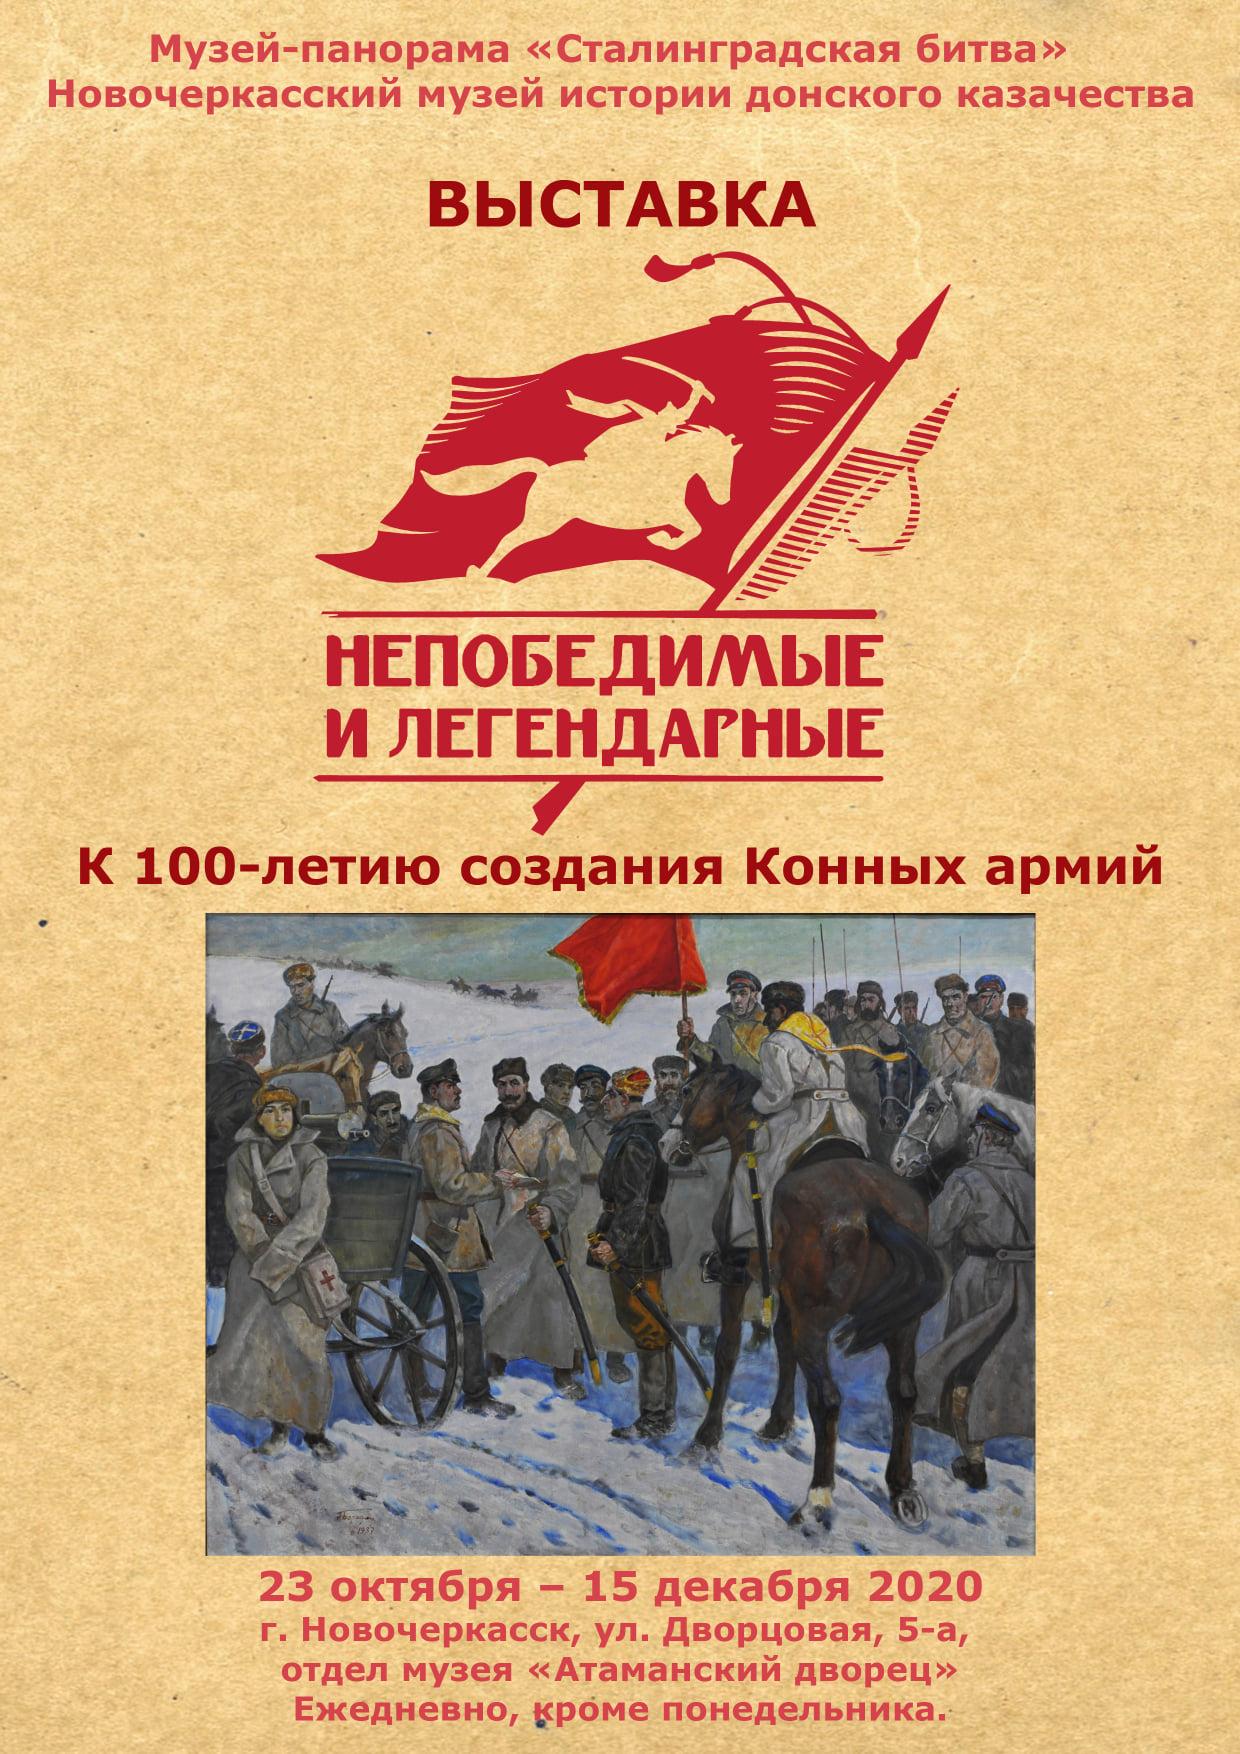 """Выставка """"Непобедимые и легендарные"""""""